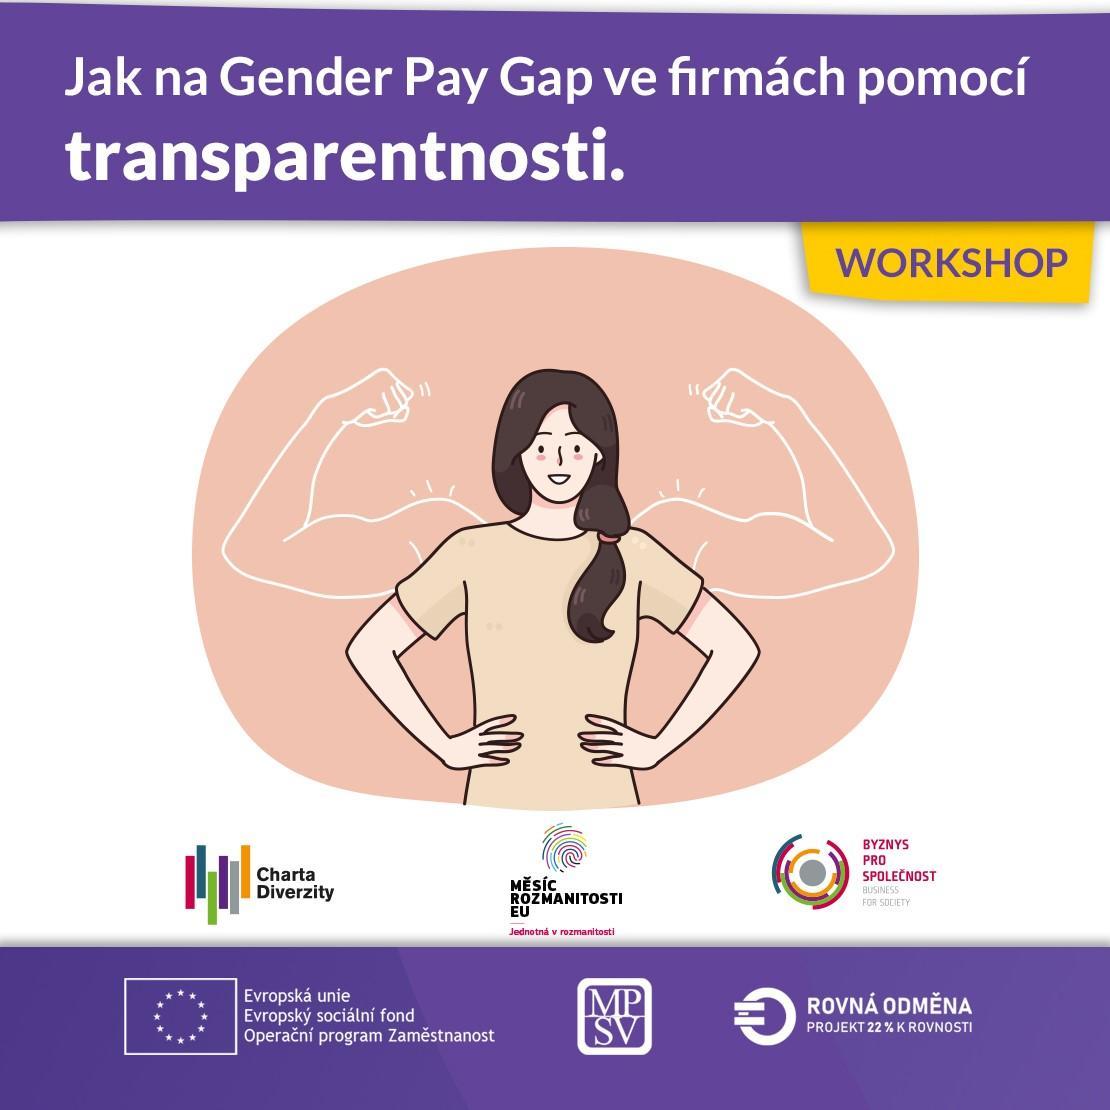 Nastavení principů přehledného oceňování a srozumitelná struktura bez zohlednění genderu je klíčem ke snížení platové nerovnosti